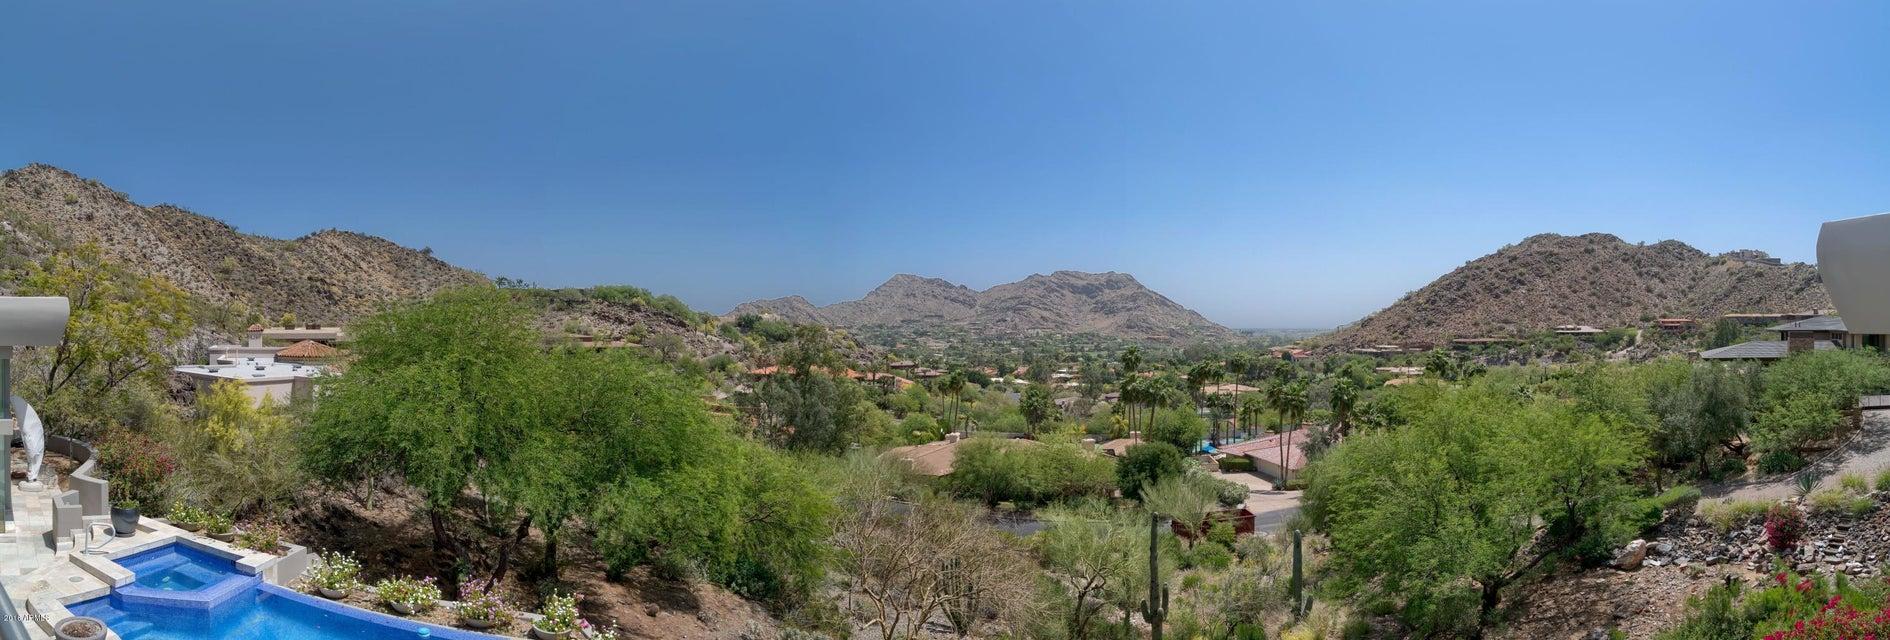 MLS 5593877 4550 E FOOTHILL Drive, Paradise Valley, AZ 85253 Paradise Valley AZ Tatum Canyon